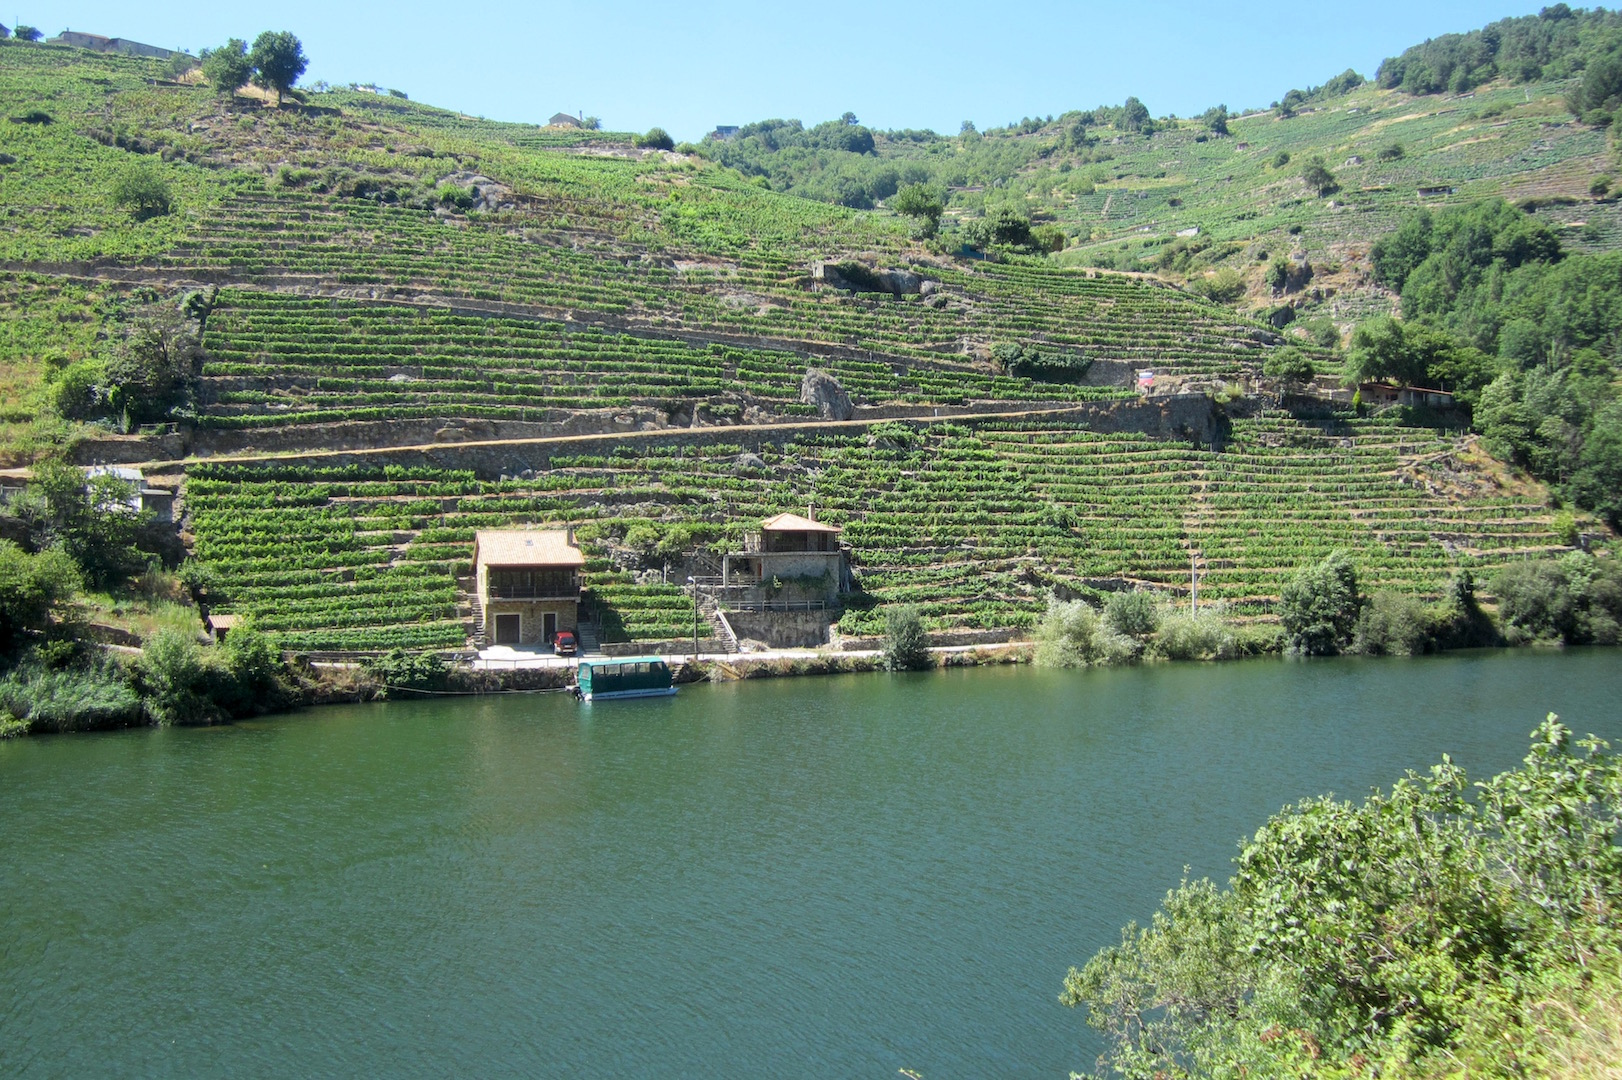 Los viñedos bordan las orillas del río Miño